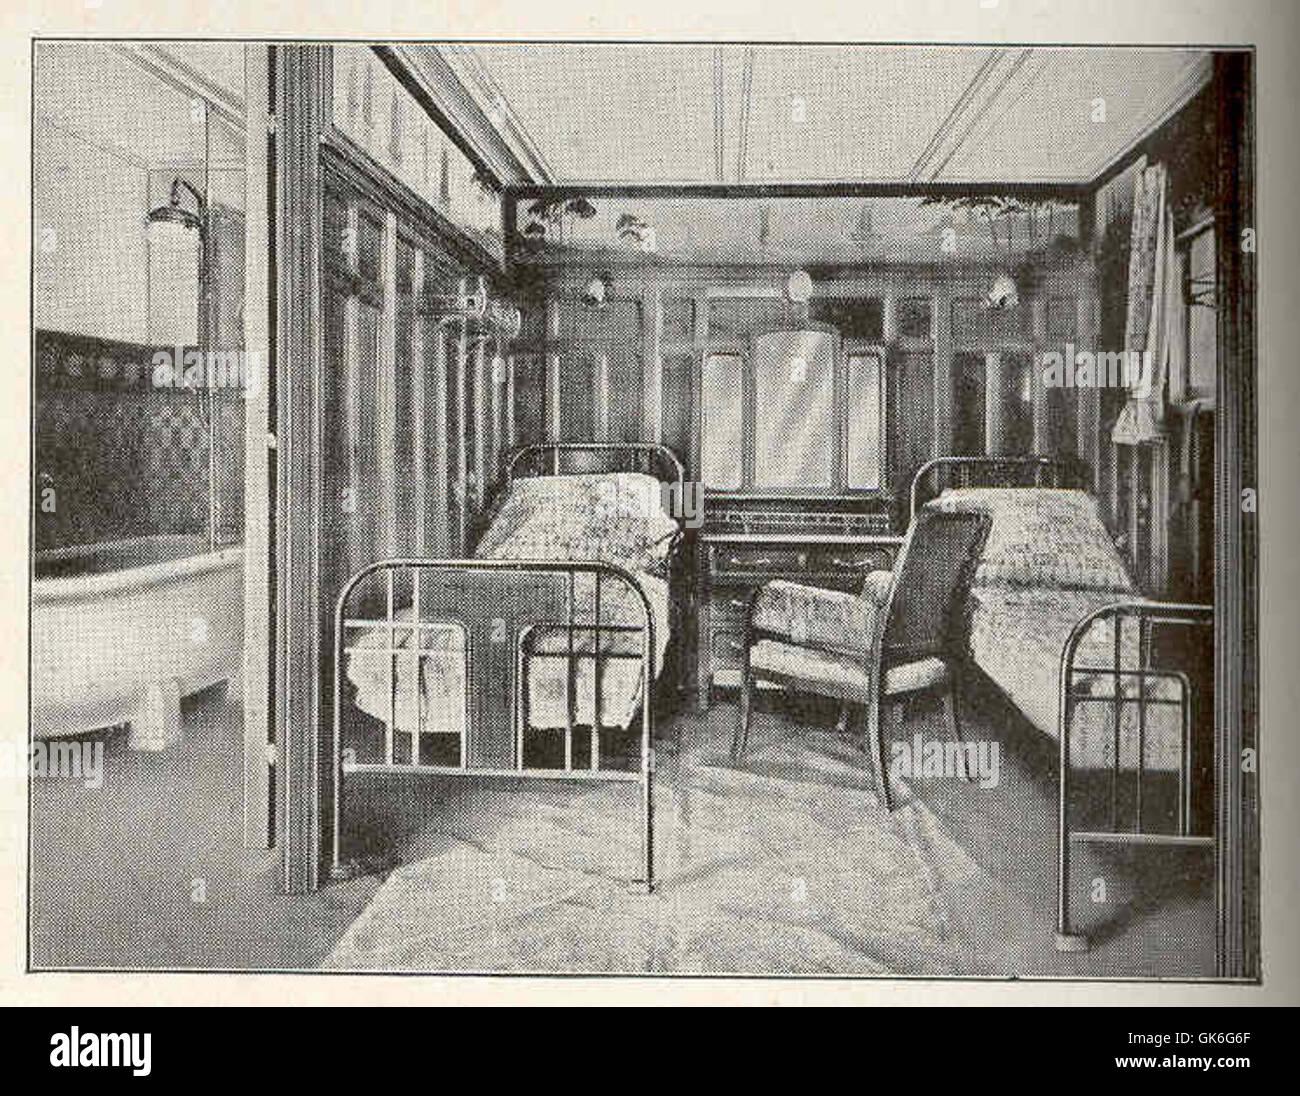 Salle De Bains France ~ salle de bain stock photos salle de bain stock images alamy